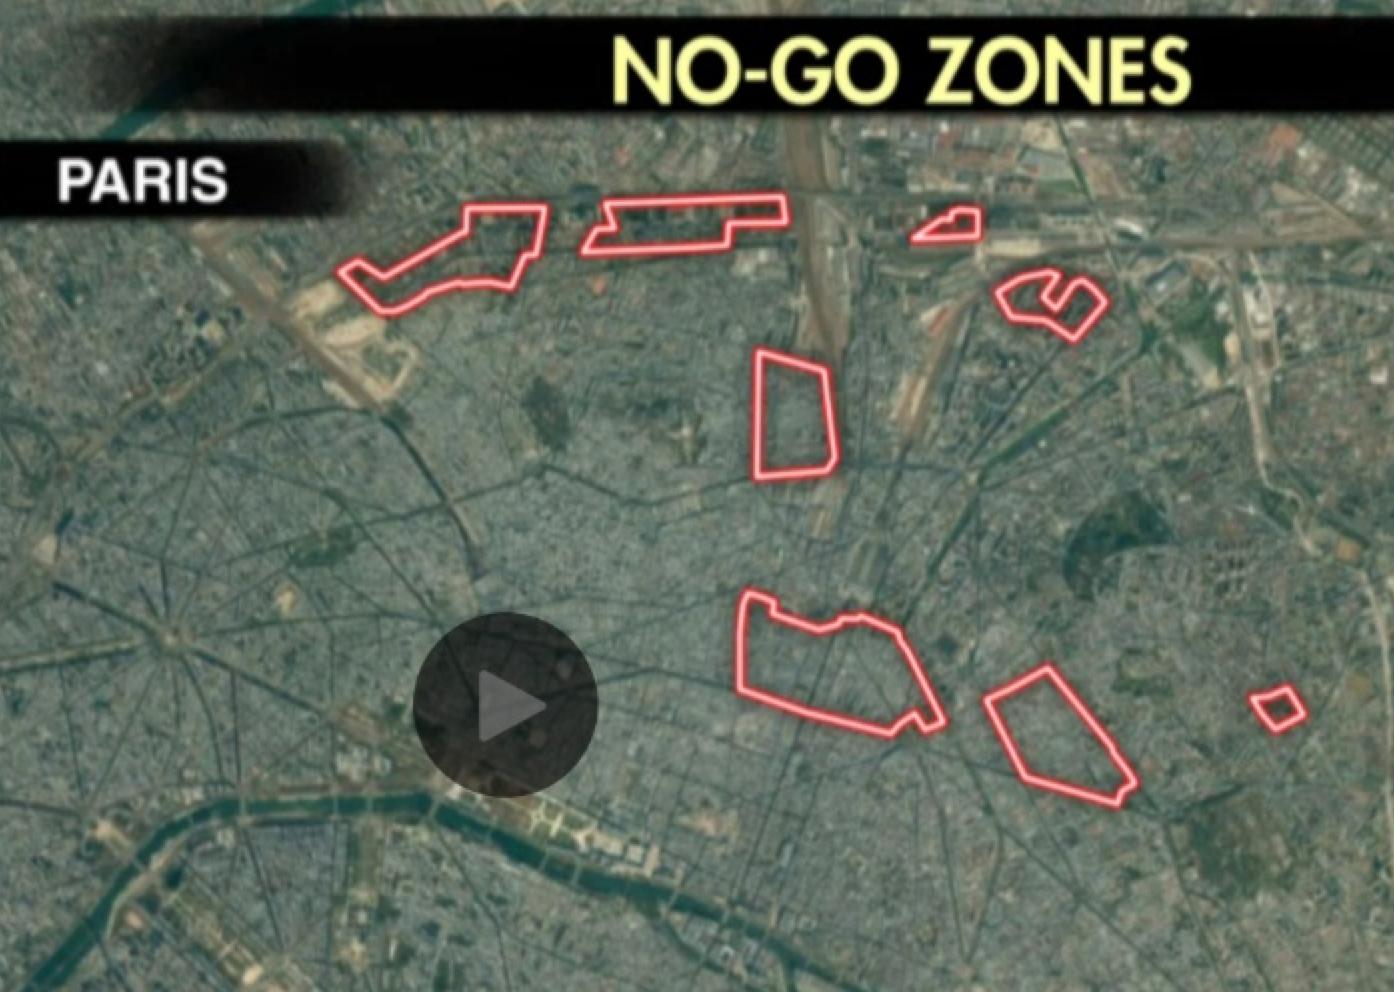 Pariisin no-go-alueet Fox Newsin mukaan